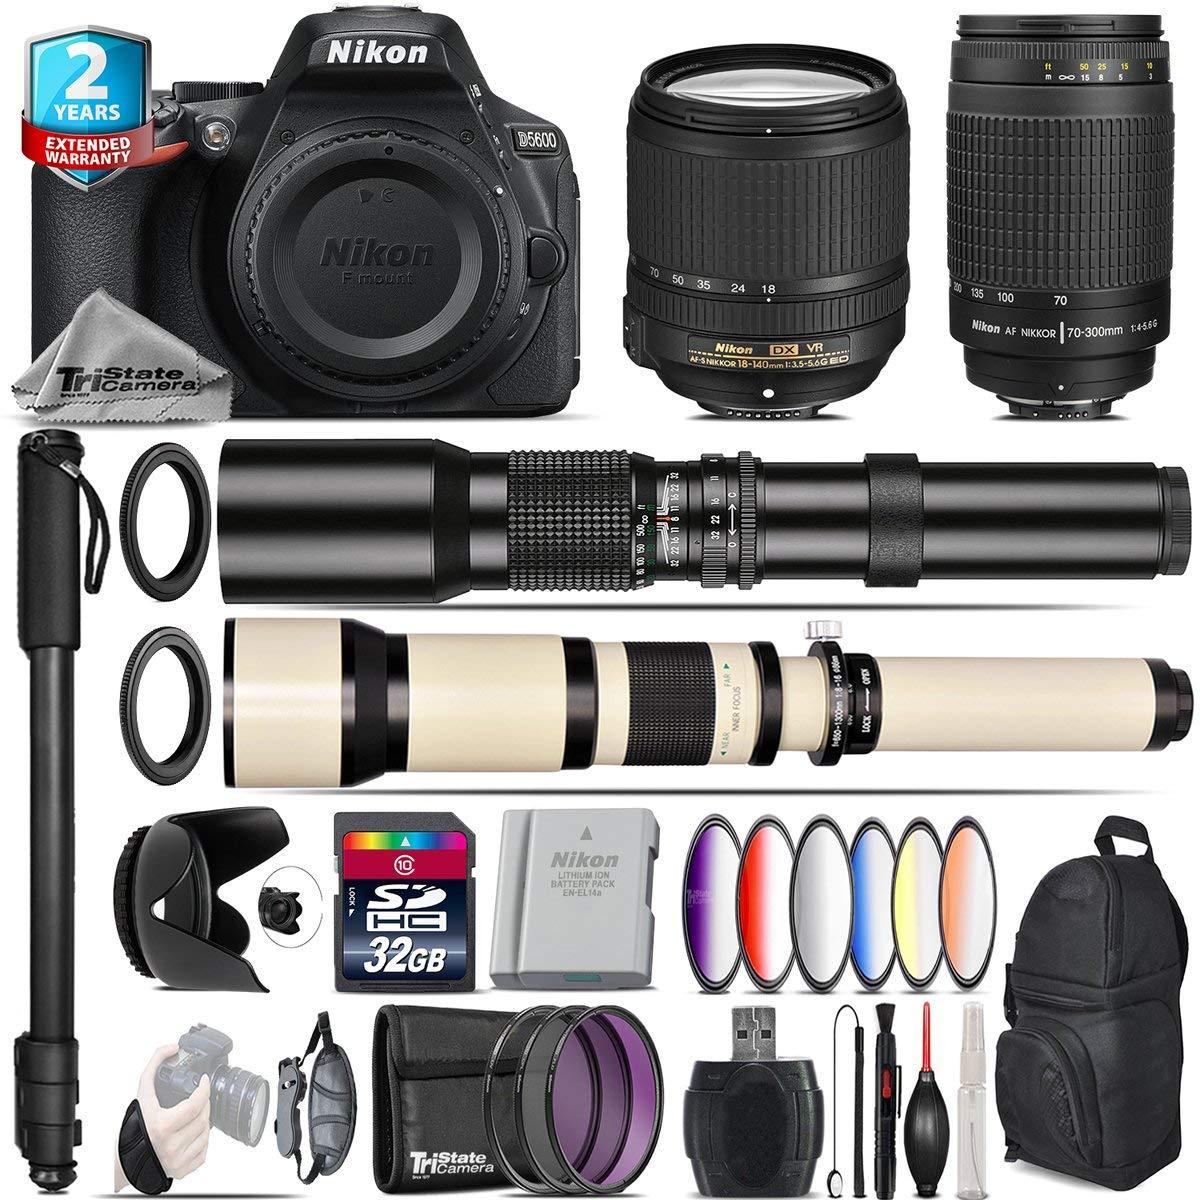 Holiday Saving Bundle for D5600 DSLR Camera + 18-140mm VR Lens + 650-1300mm Telephoto Lens + 70-300mm G Lens + 500mm Telephoto Lens + 6PC Graduated Color Filter - International Version